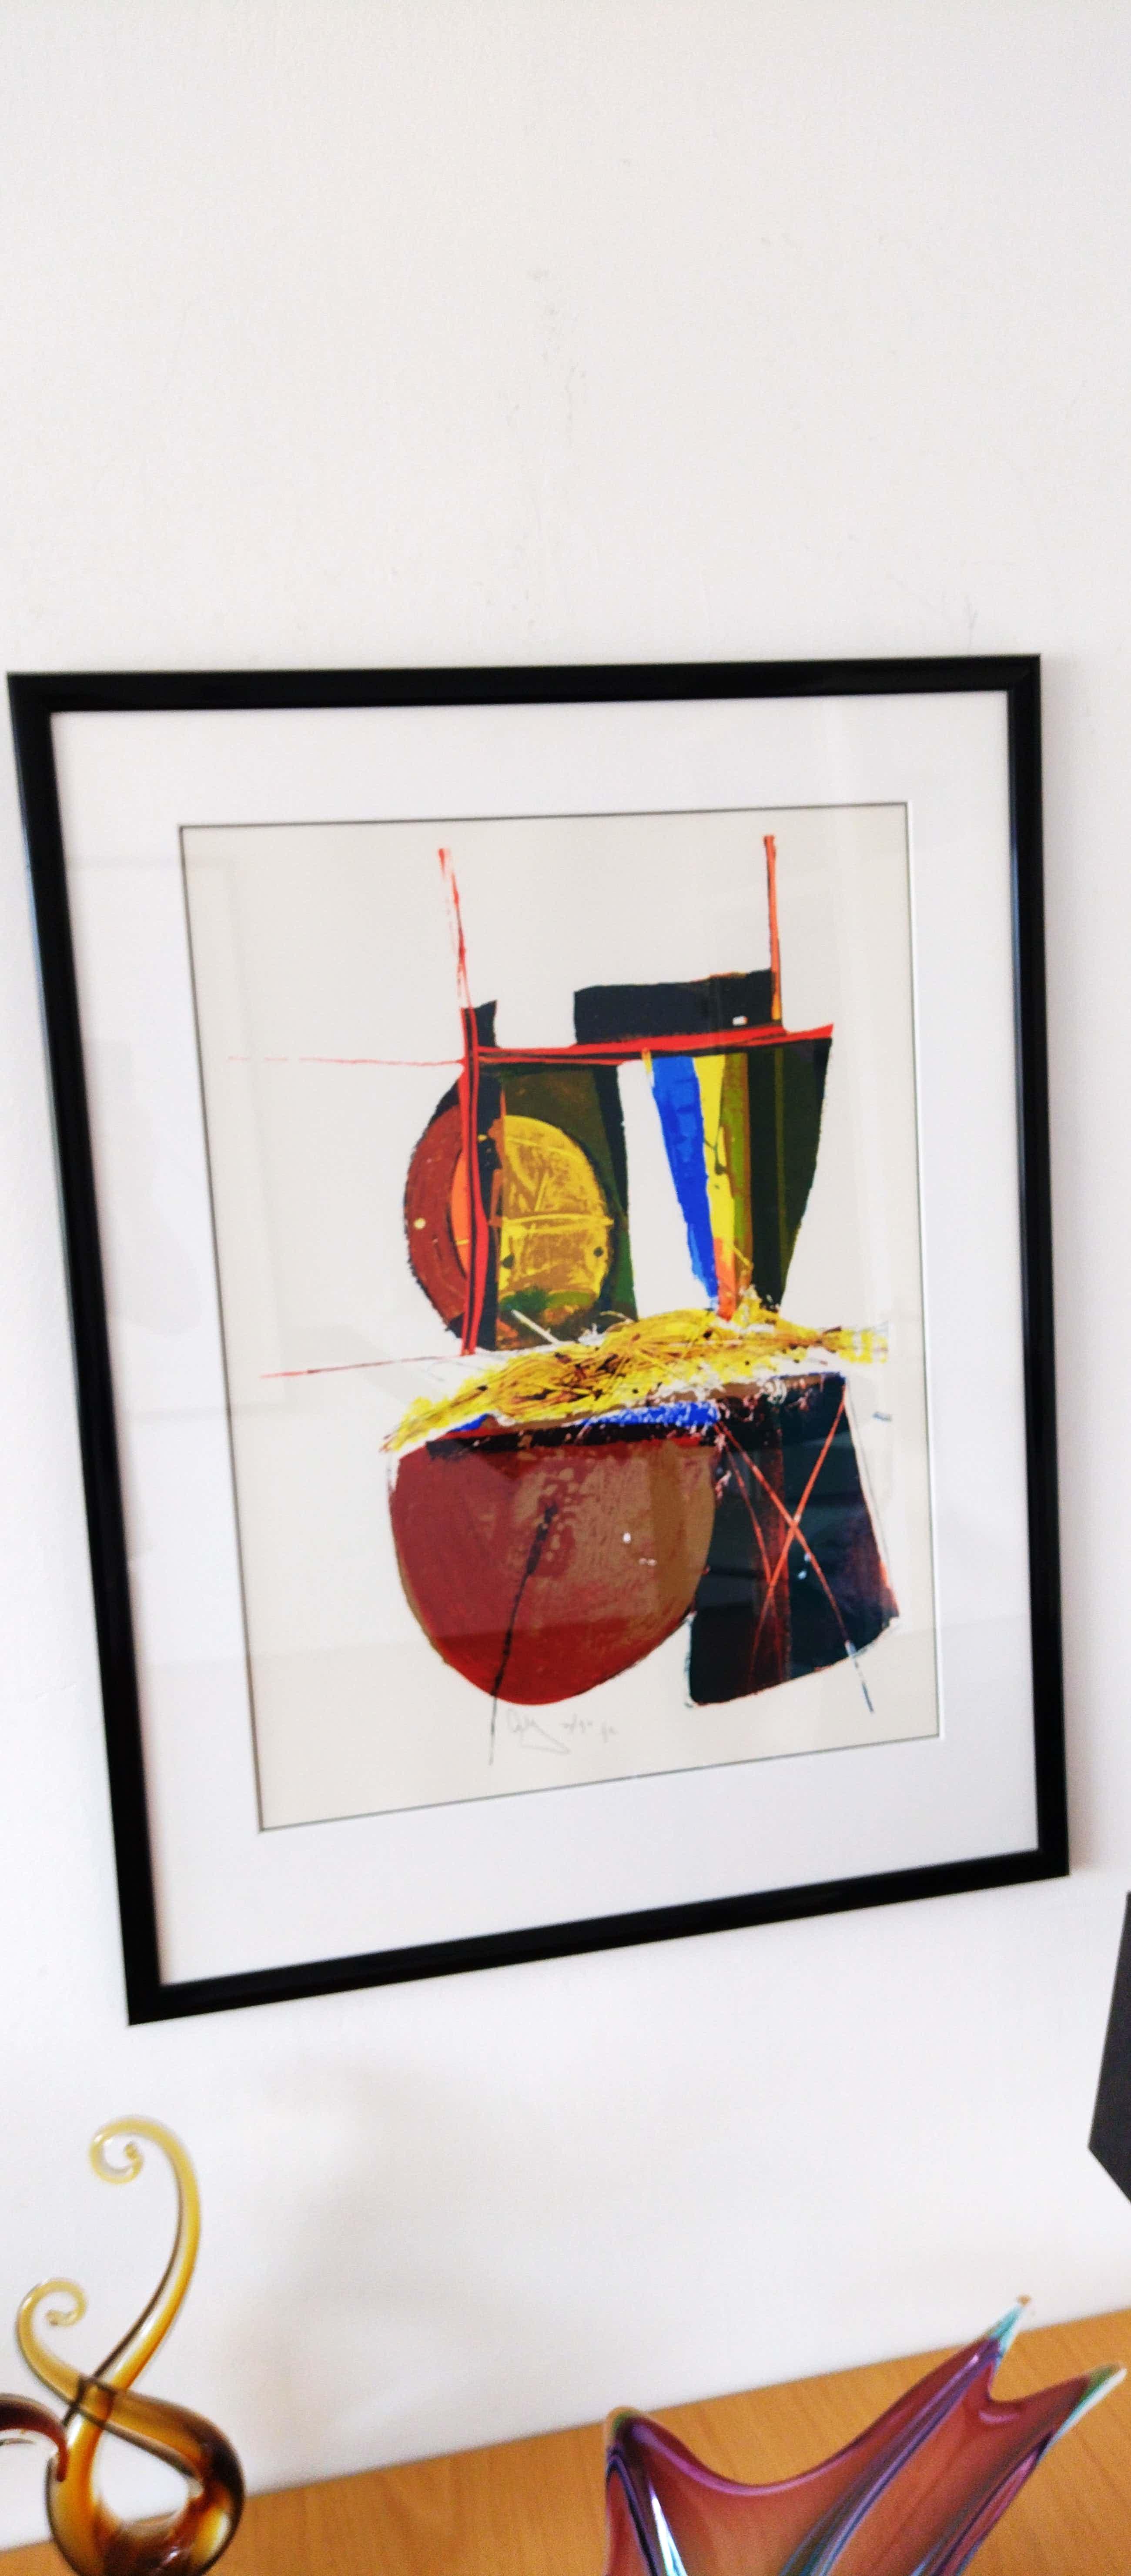 Arty Grimm - Prachtig Abstract werk uit 1992 kopen? Bied vanaf 65!